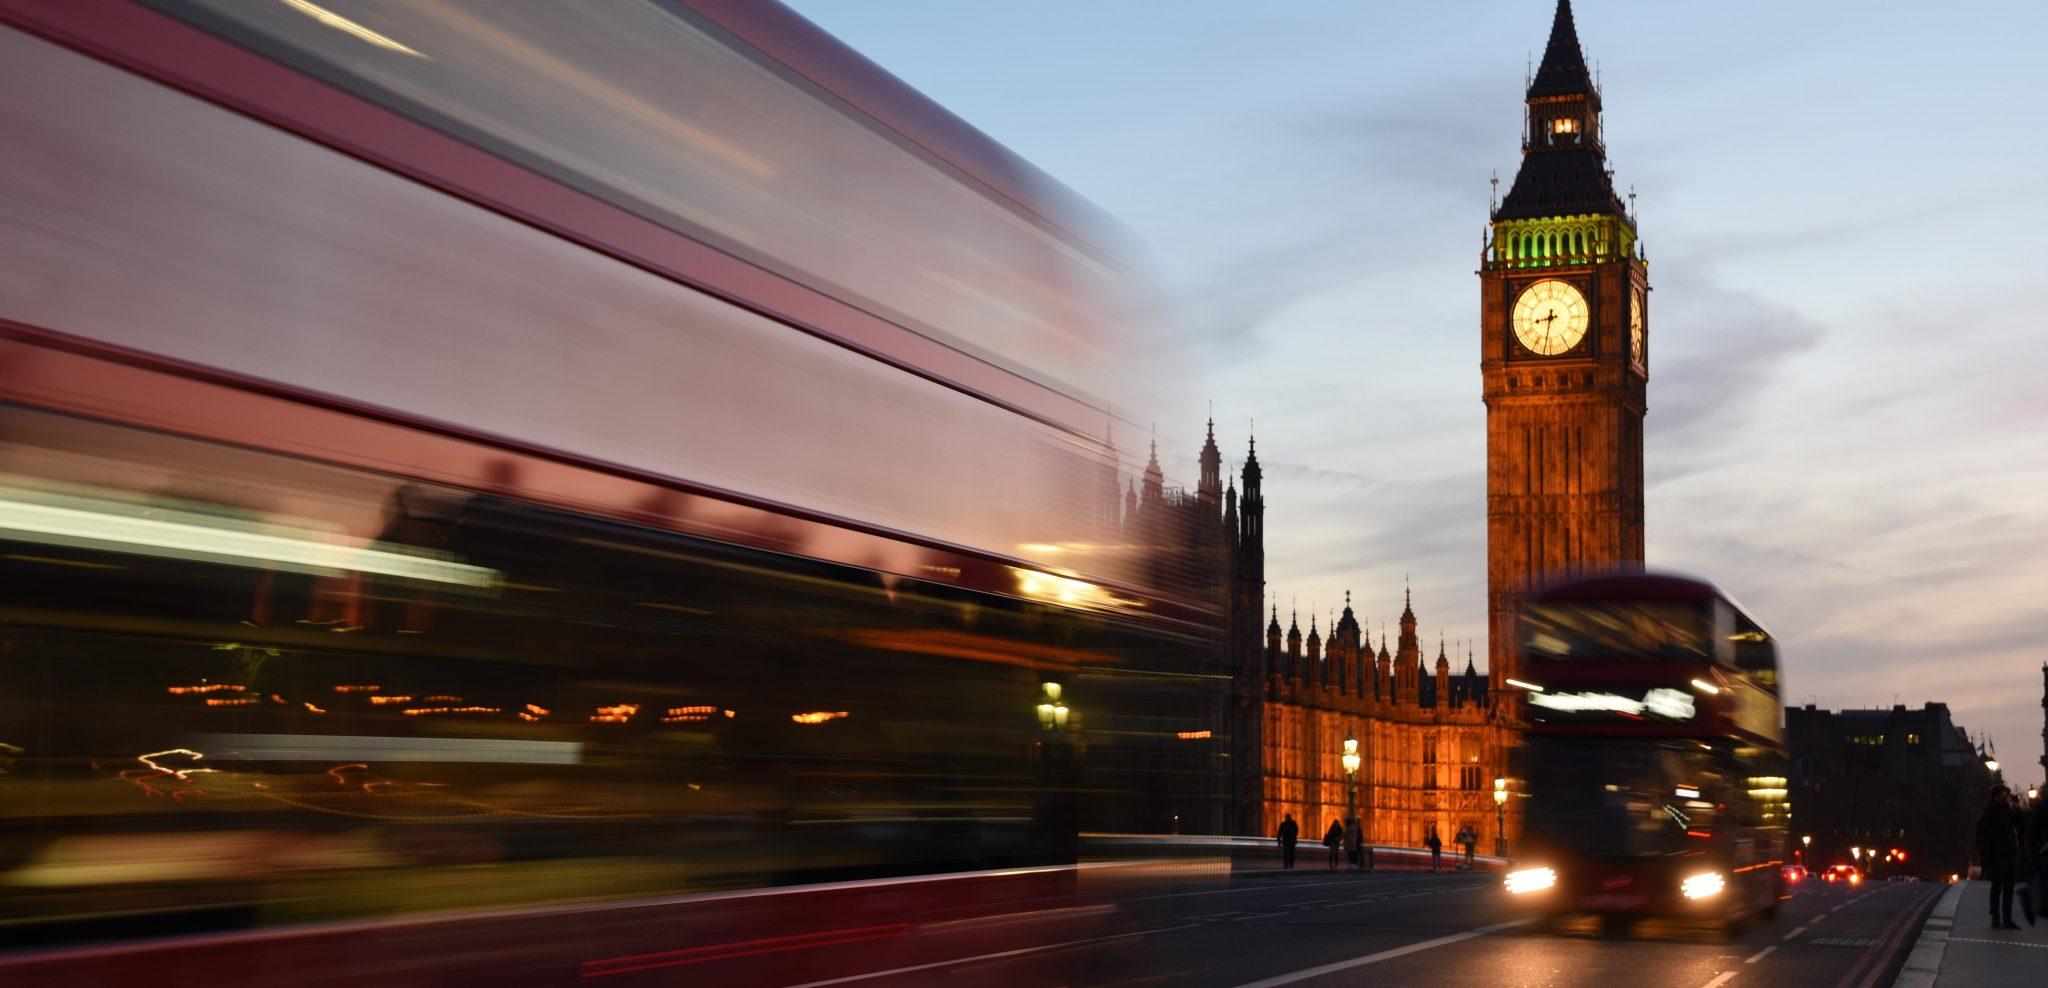 Bir Acayip Bilgiler #16: İngiltere'de trafik niçin soldan akar? - London2 - Bir Acayip Bilgiler #16: İngiltere'de trafik niçin soldan akar?